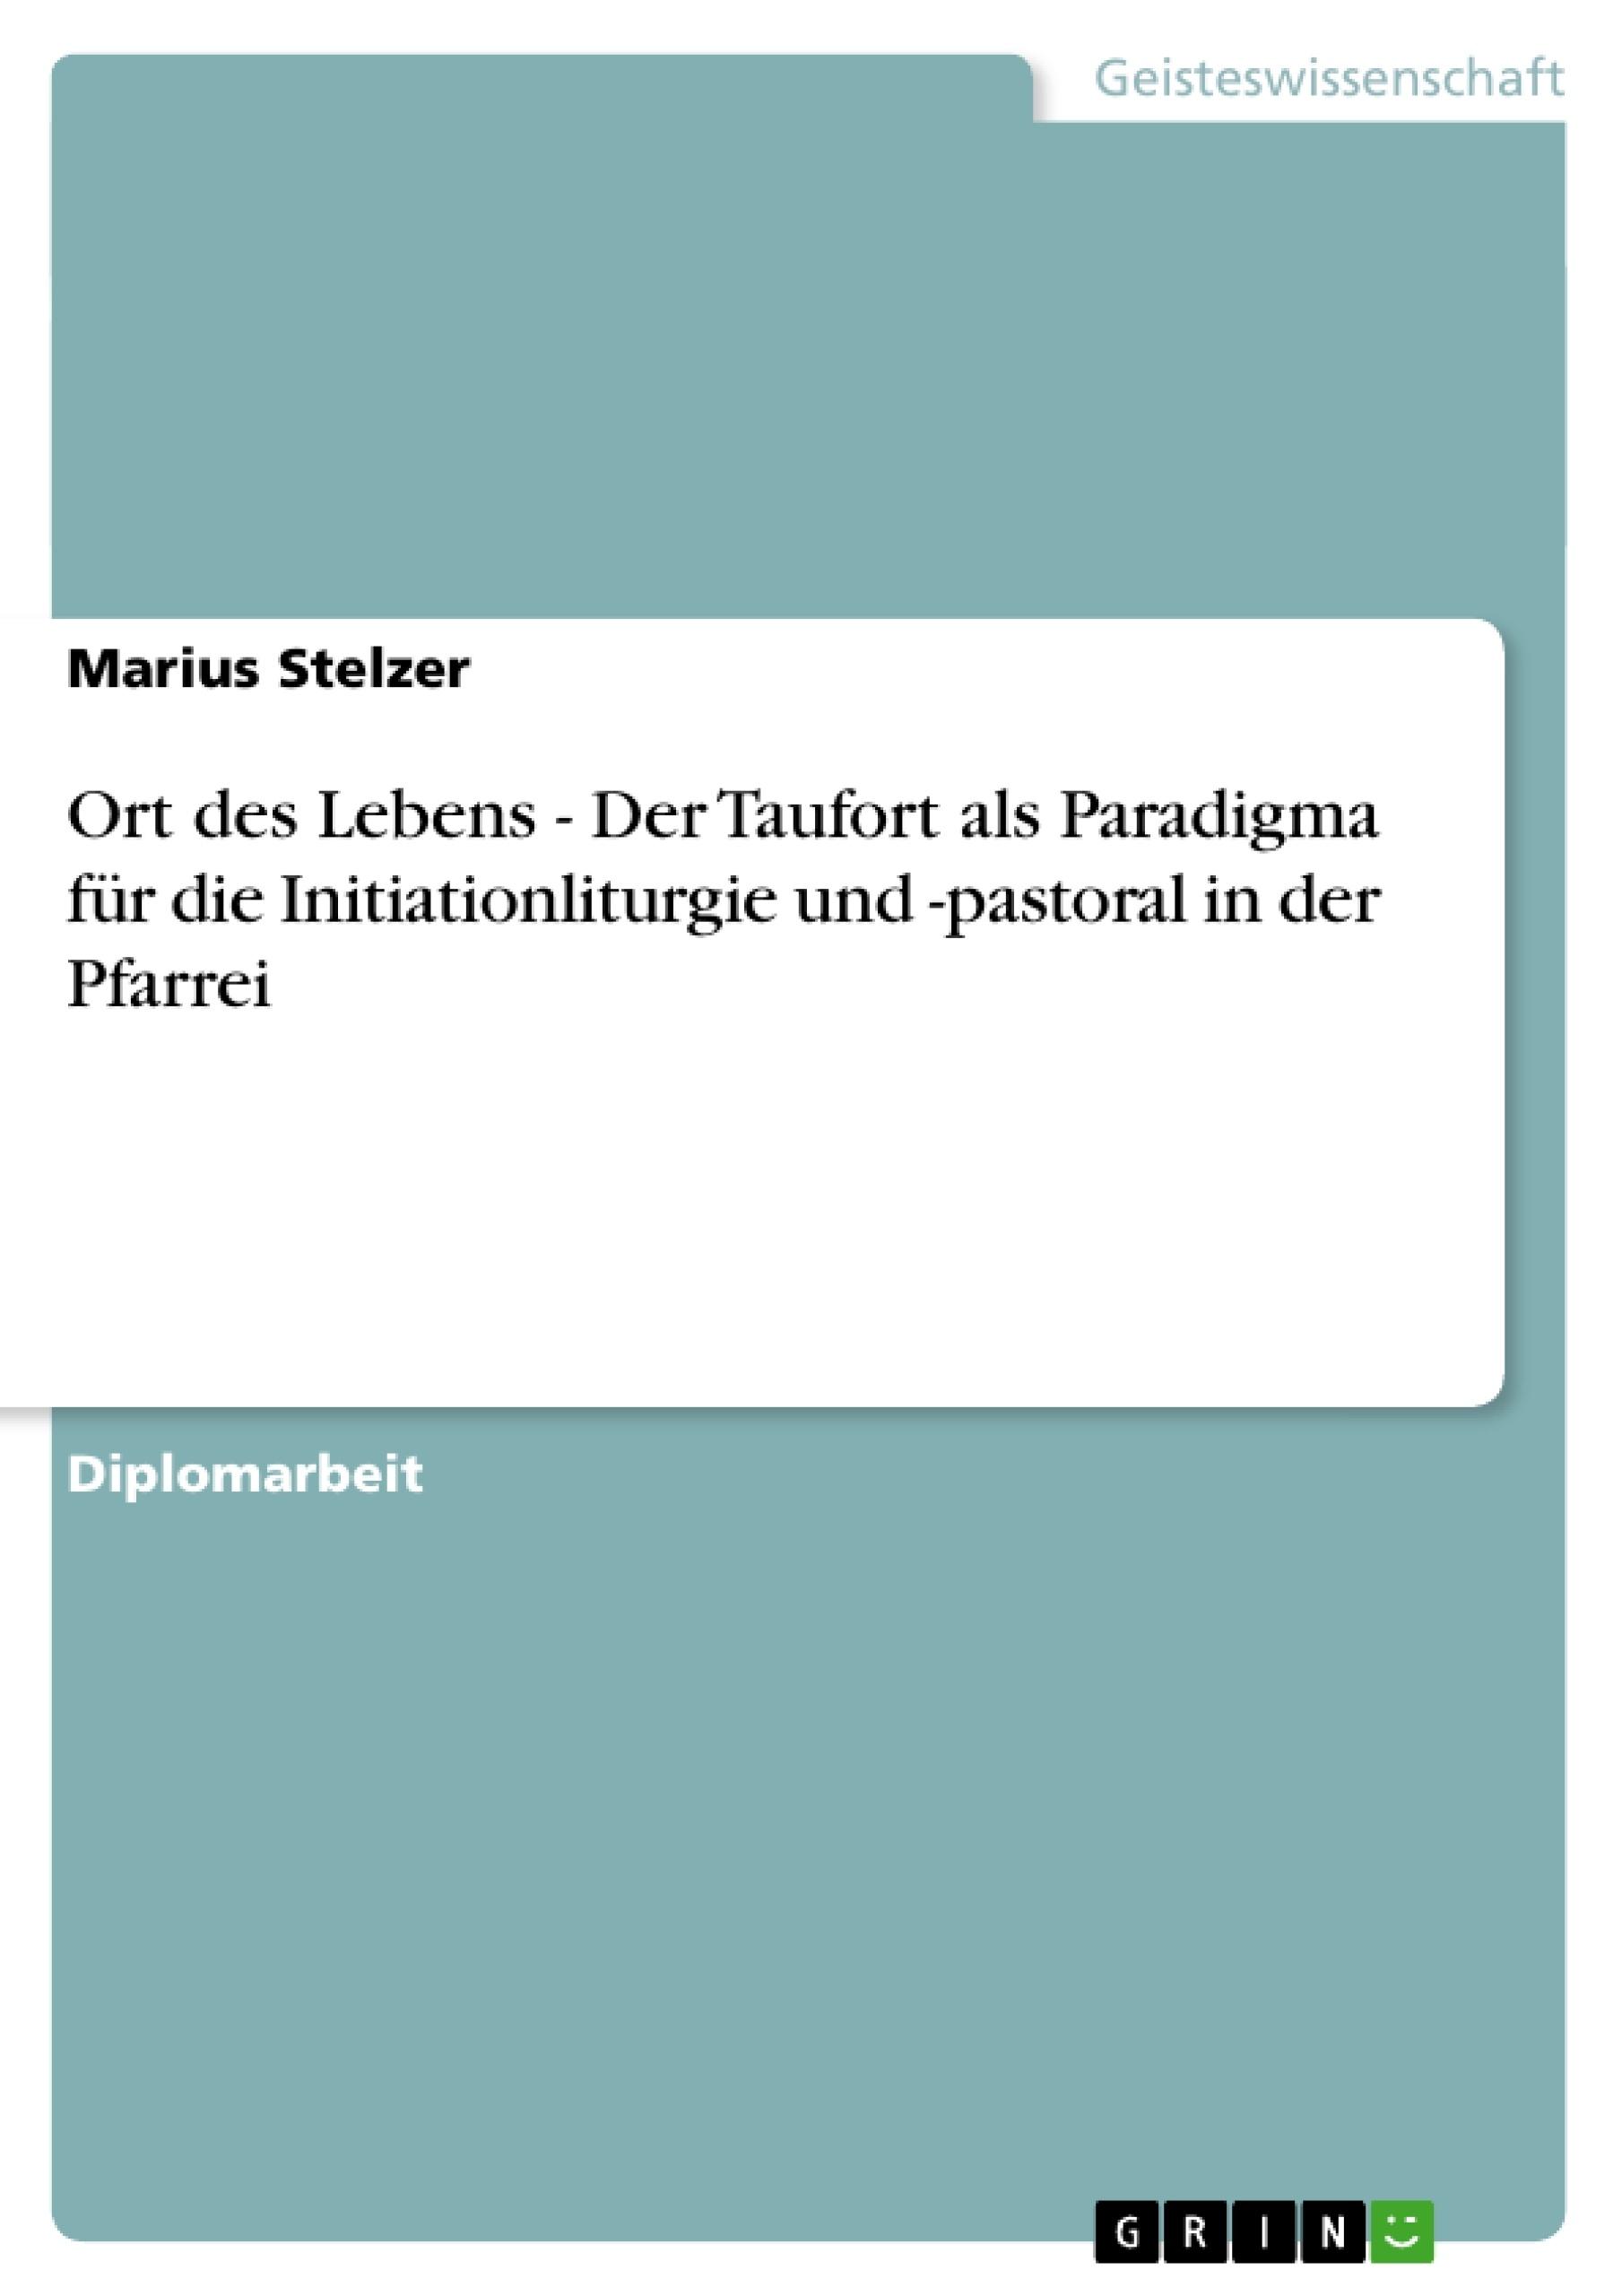 Titel: Ort des Lebens - Der Taufort als Paradigma für die Initiationliturgie und -pastoral in der Pfarrei